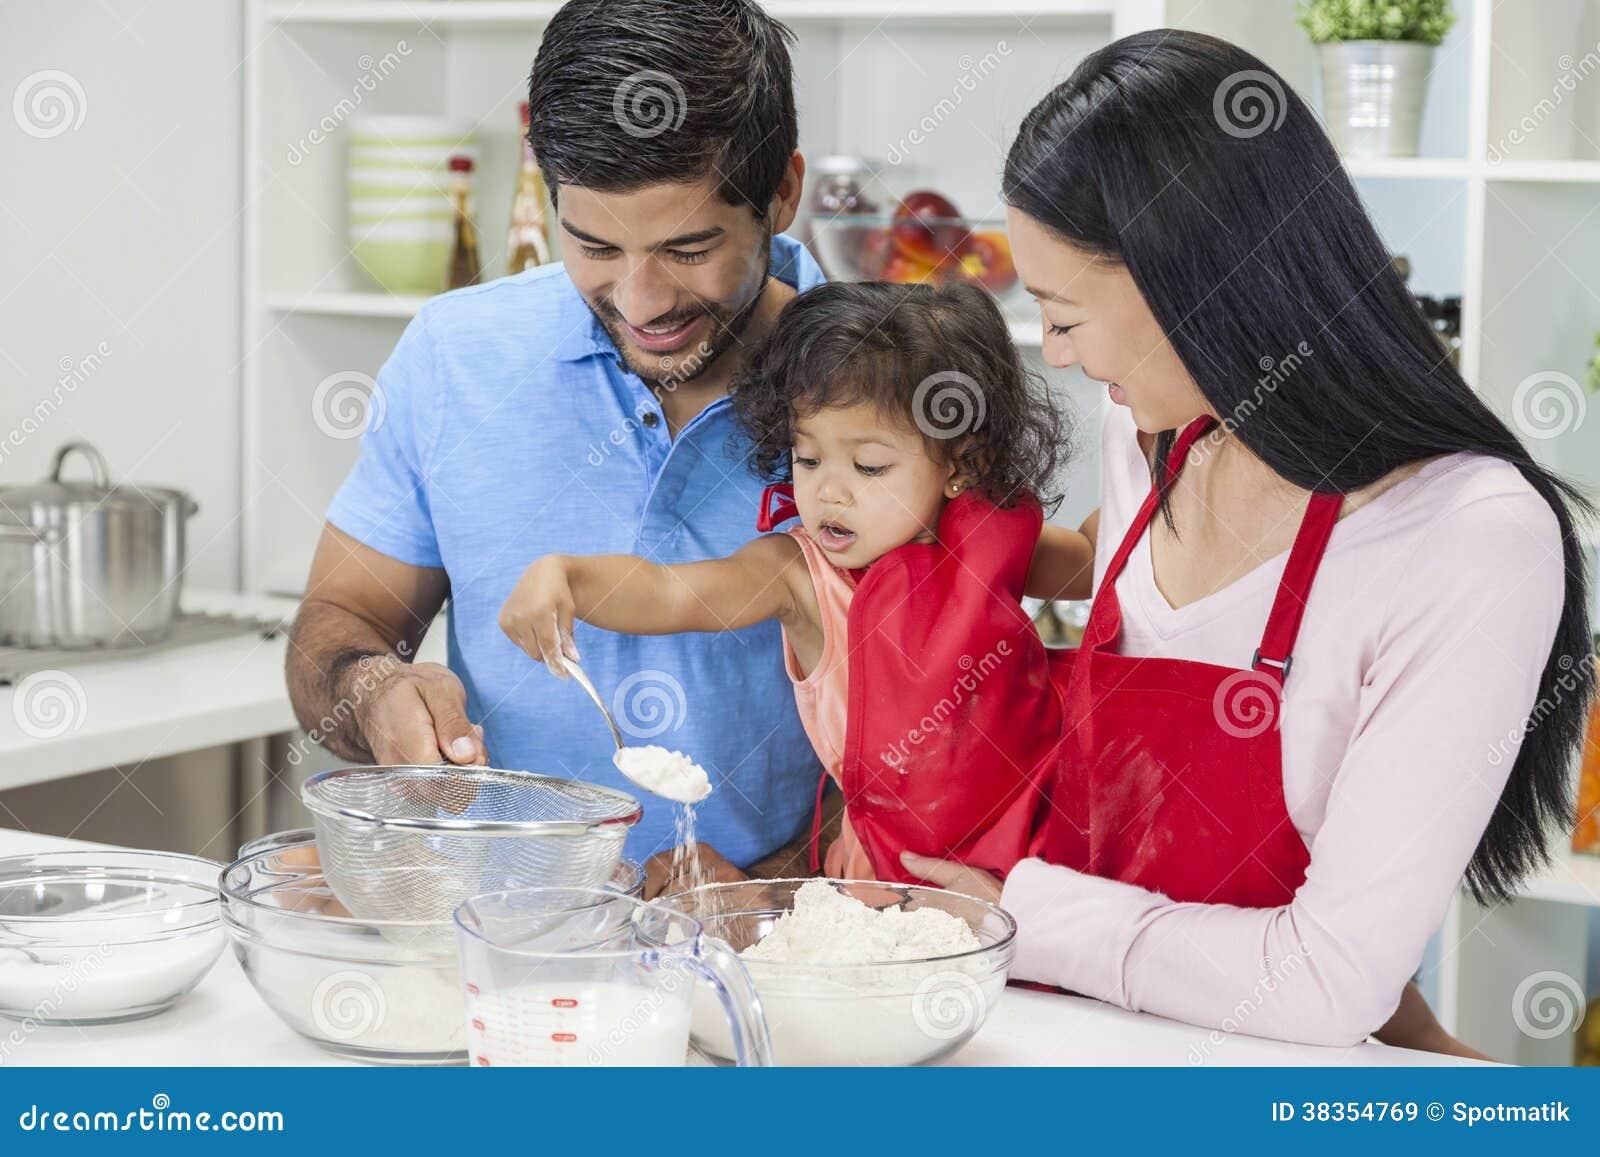 烹调在家庭厨房里的亚洲中国家庭